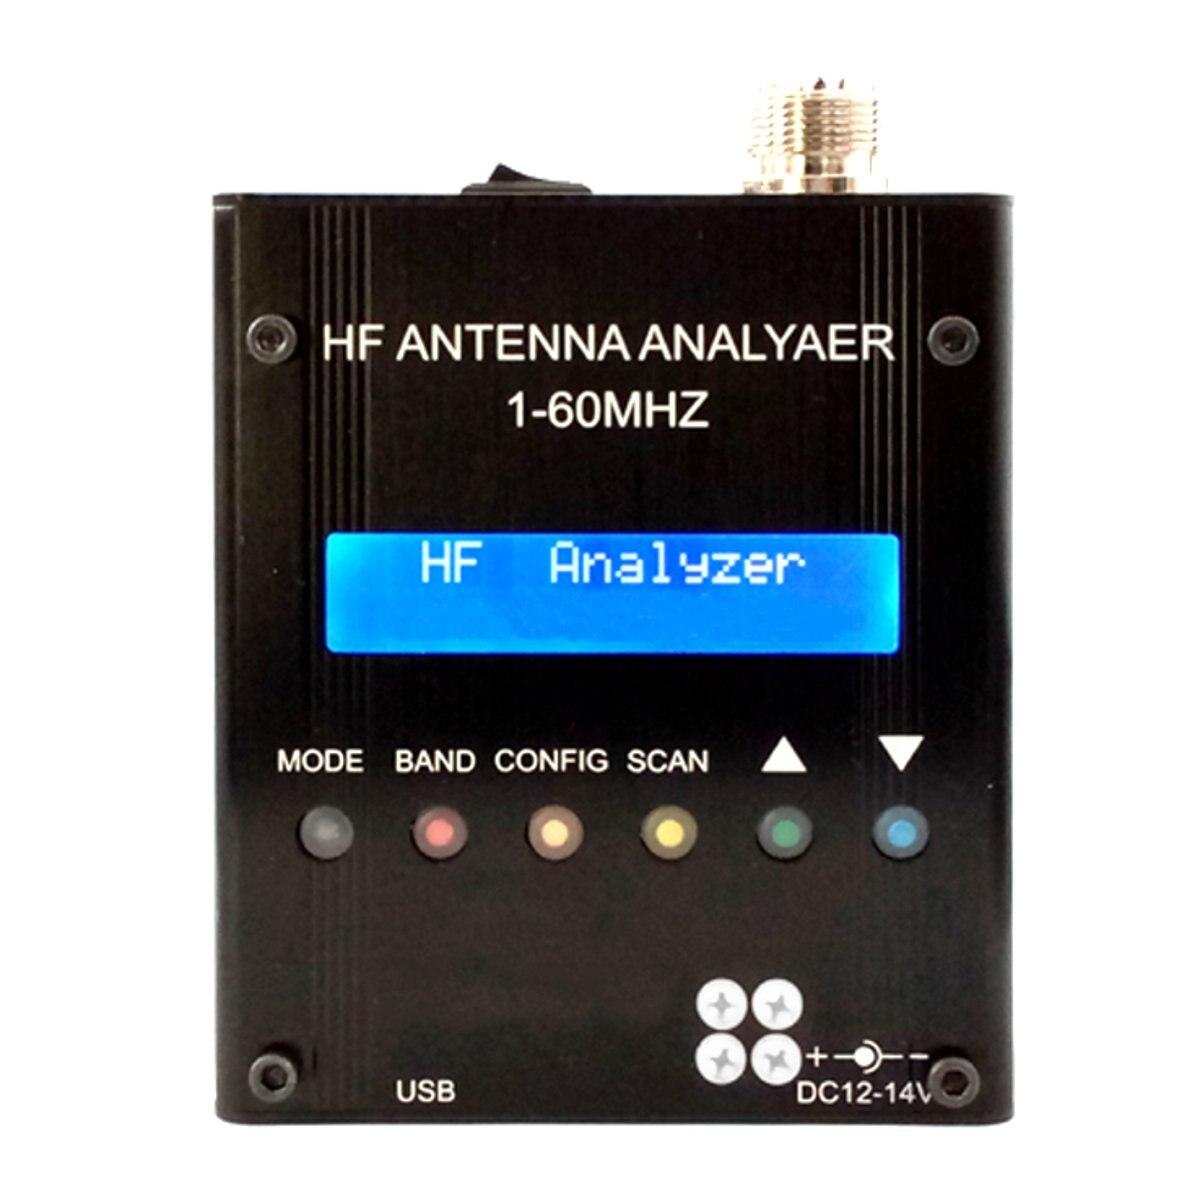 Jiguoor Разделение-core Тип метр MR300 Высокая точность цифровой коротковолновые антенны Анализатор метр тестер 1-60 м для радиолюбителей